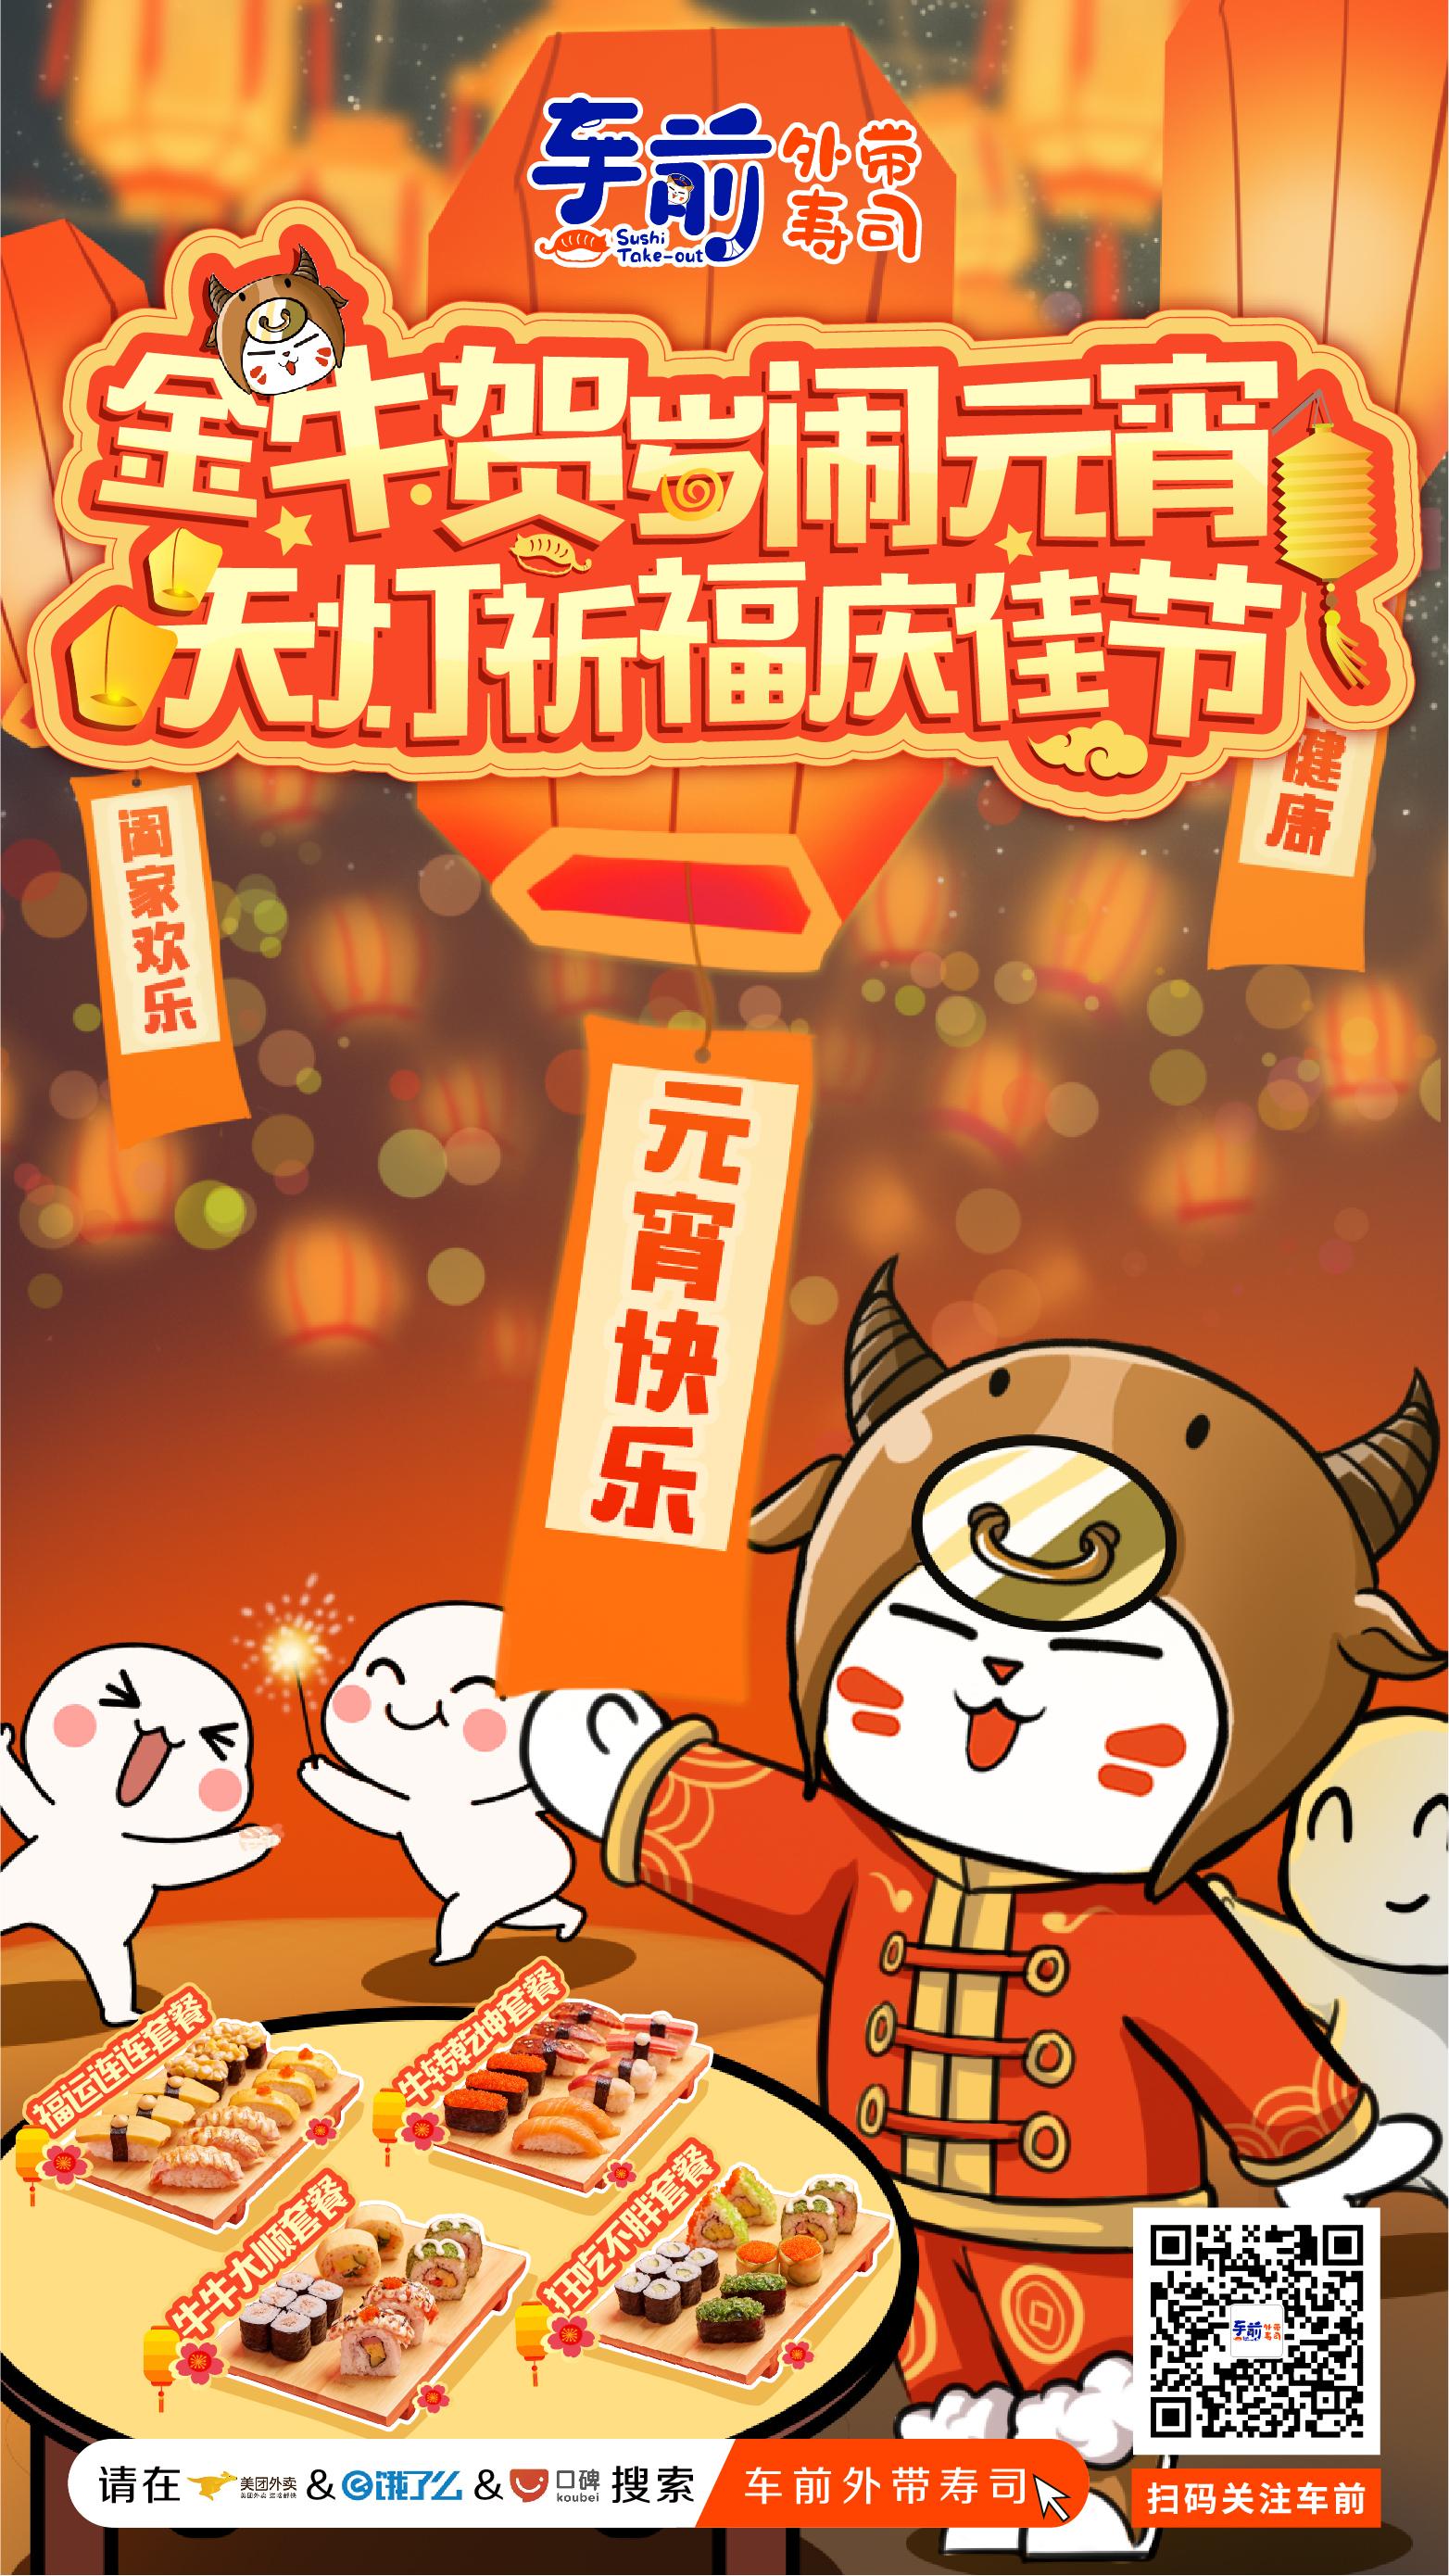 车前腊元宵线上海报0119_画板 1 副本 2.jpg